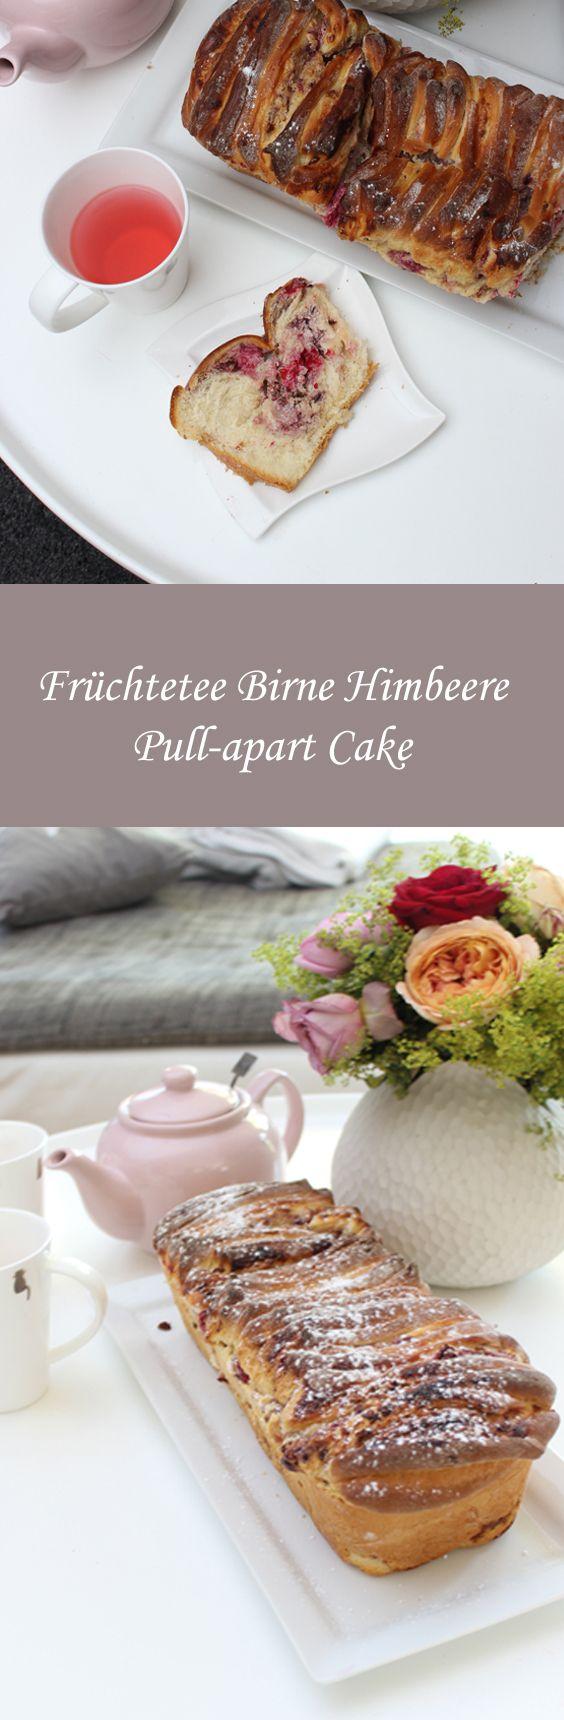 Wie wäre es mit einem Früchtetee Birne Himbeere Pull-apart Cake?